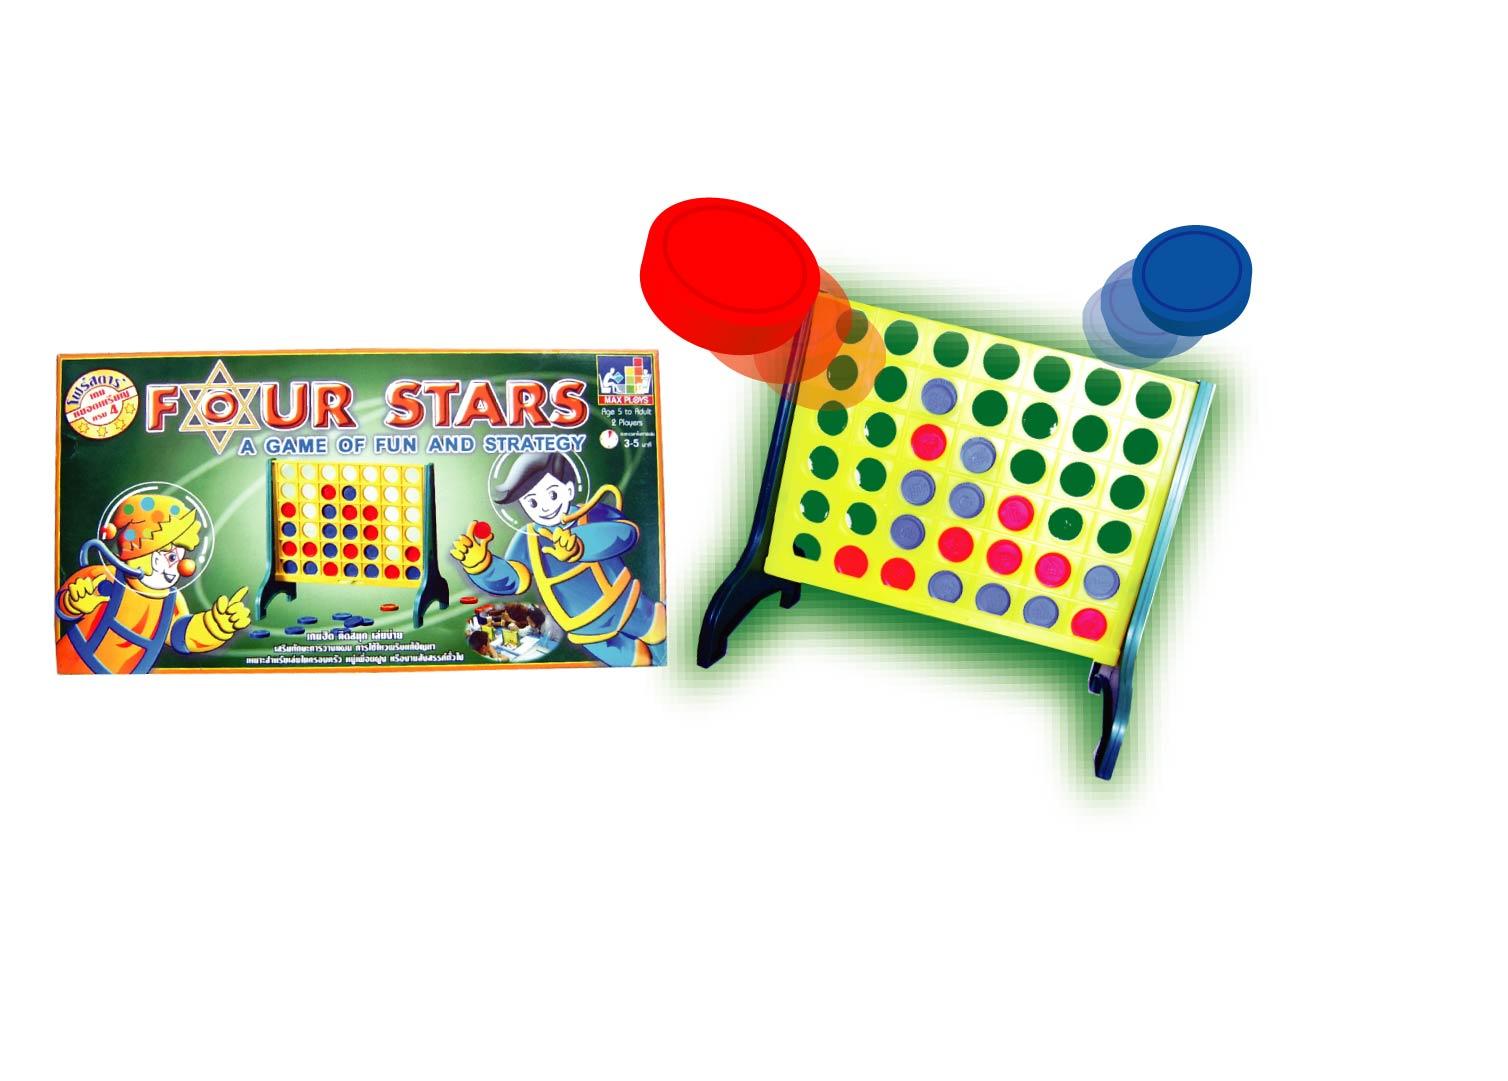 FOUR STARS โฟร์สตาร์ (เกมหยอดเหรียญครบสี่)